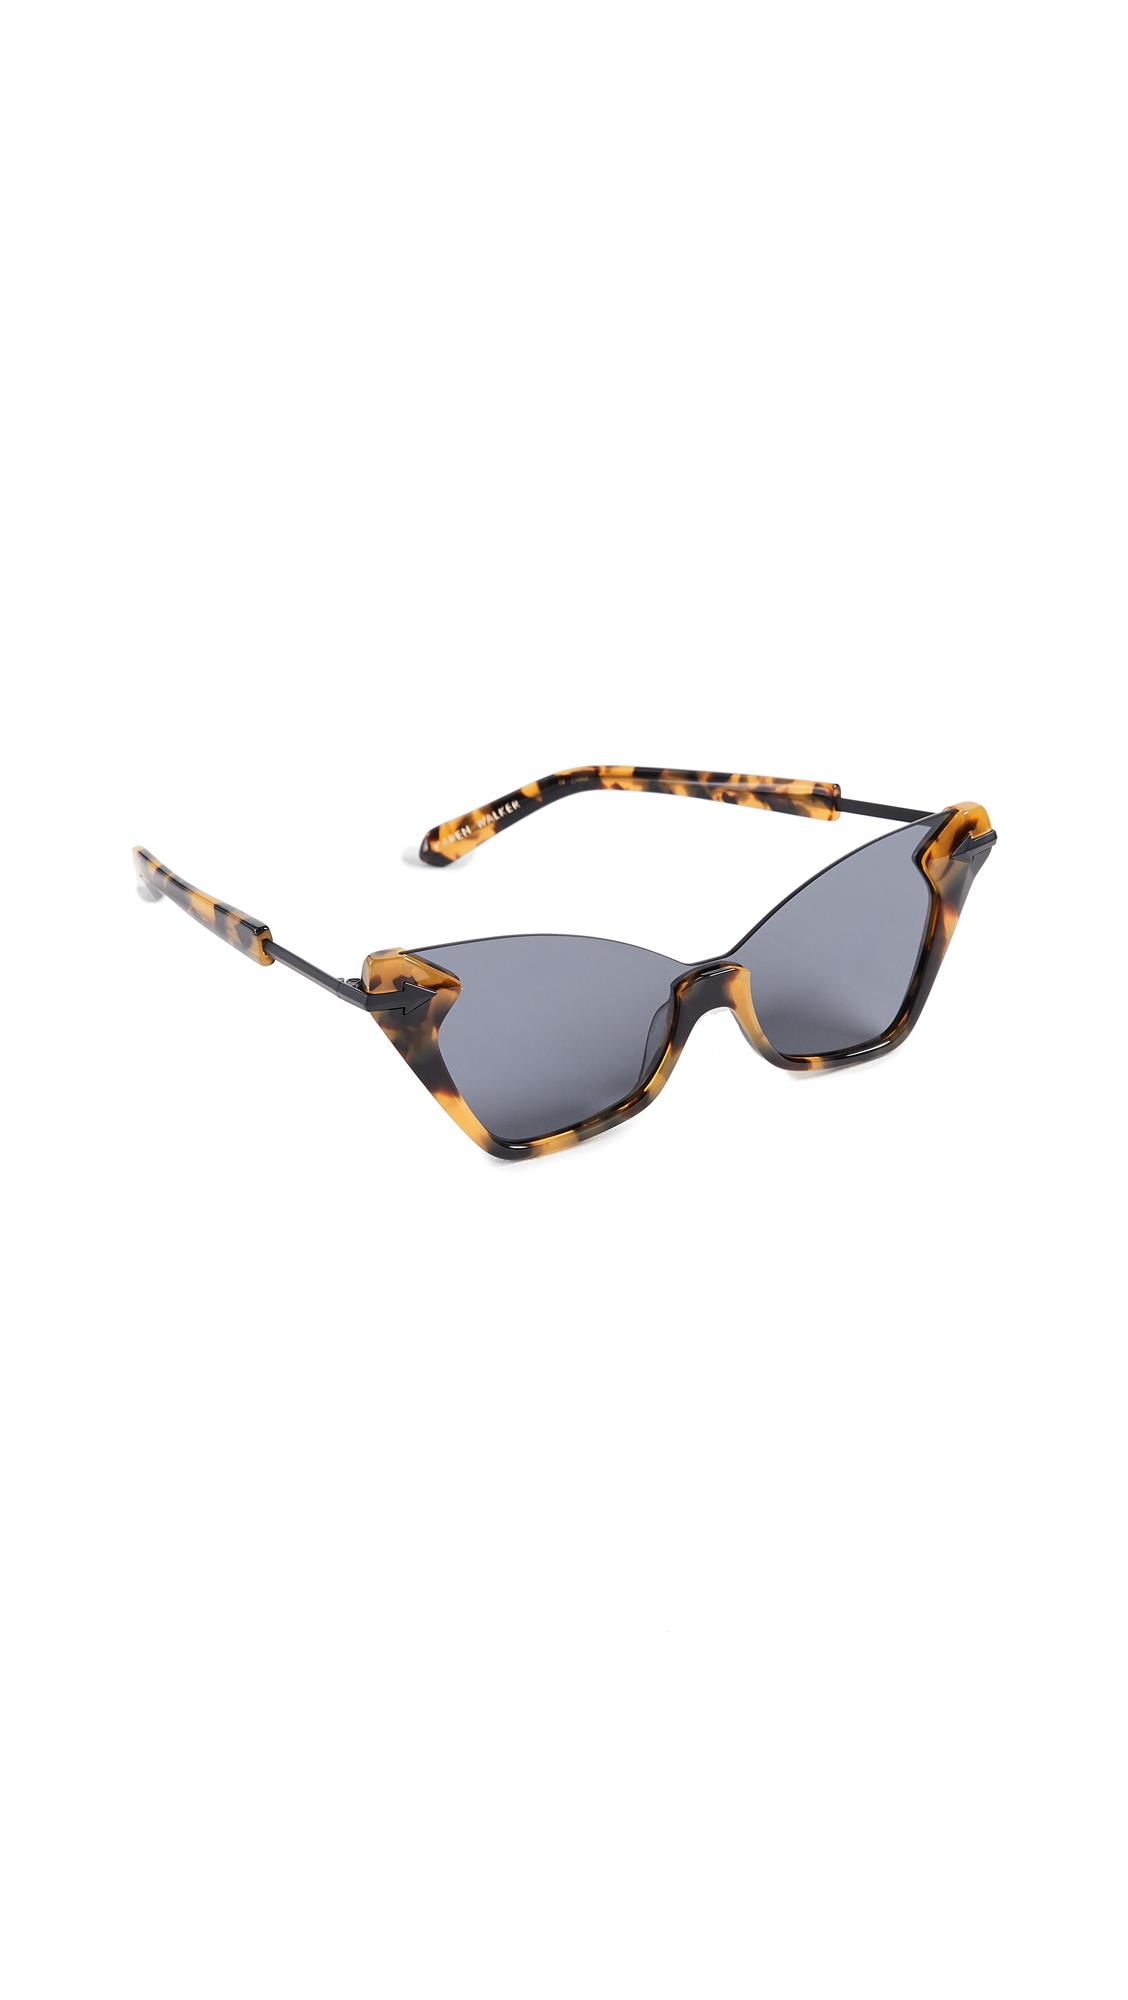 Karen Walker Sweet Cat Sunglasses In Tort/Black